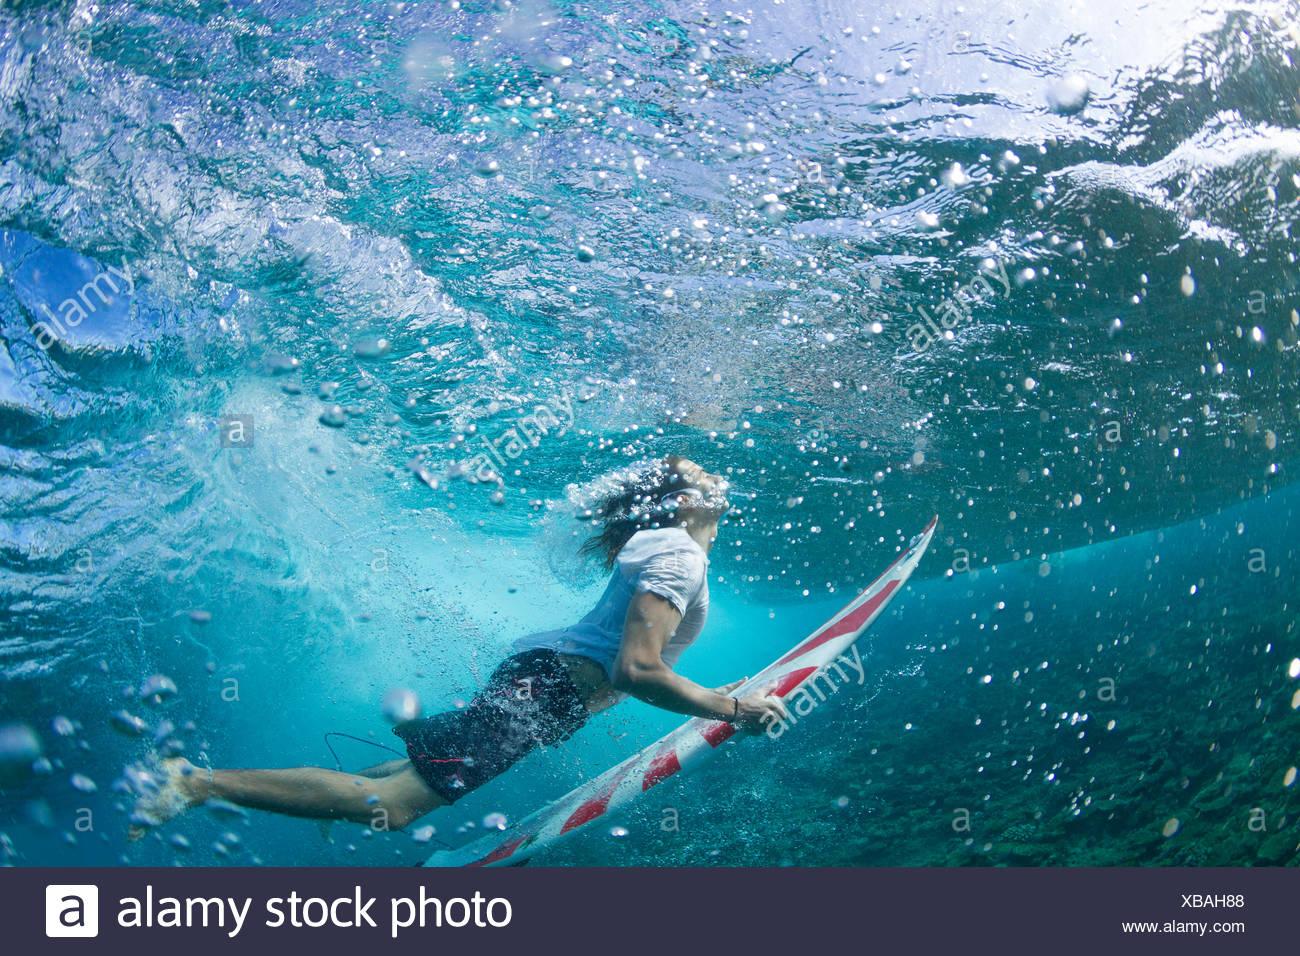 Vista submarina de un surfista pato de buceo bajo una ola Imagen De Stock